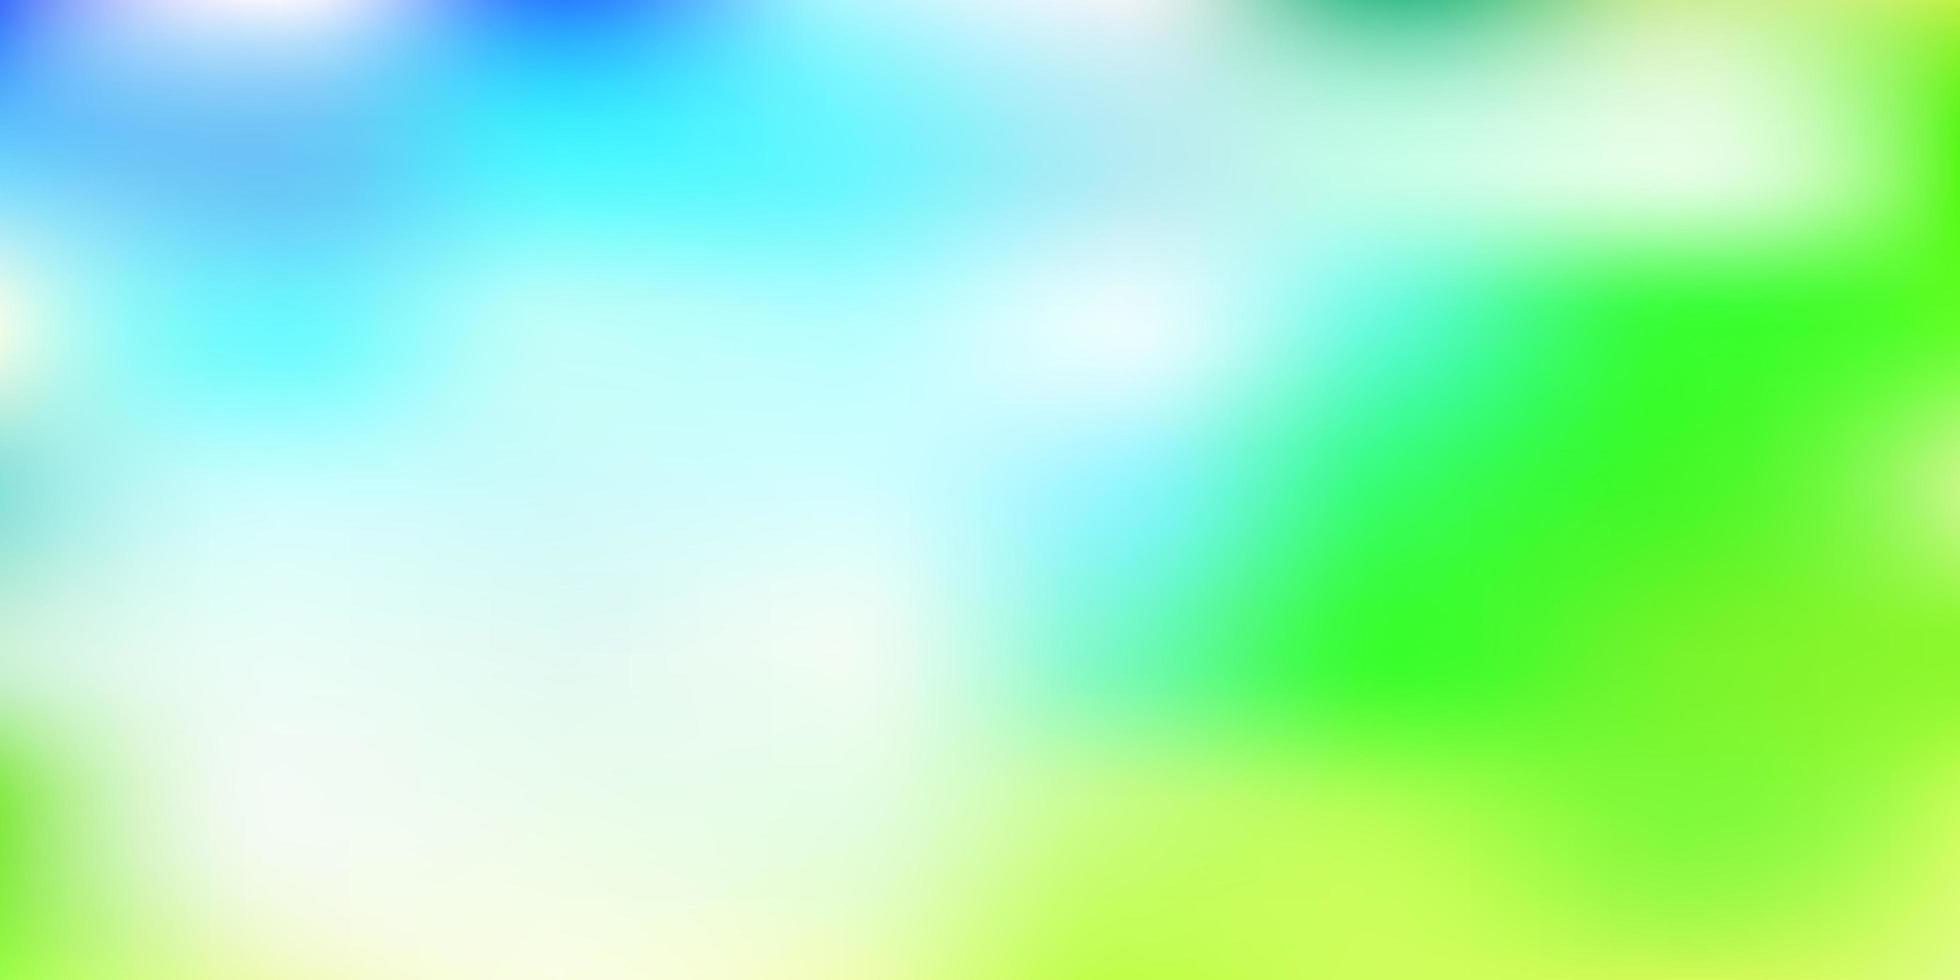 lichtblauw, groen vector verloop vervagen sjabloon.